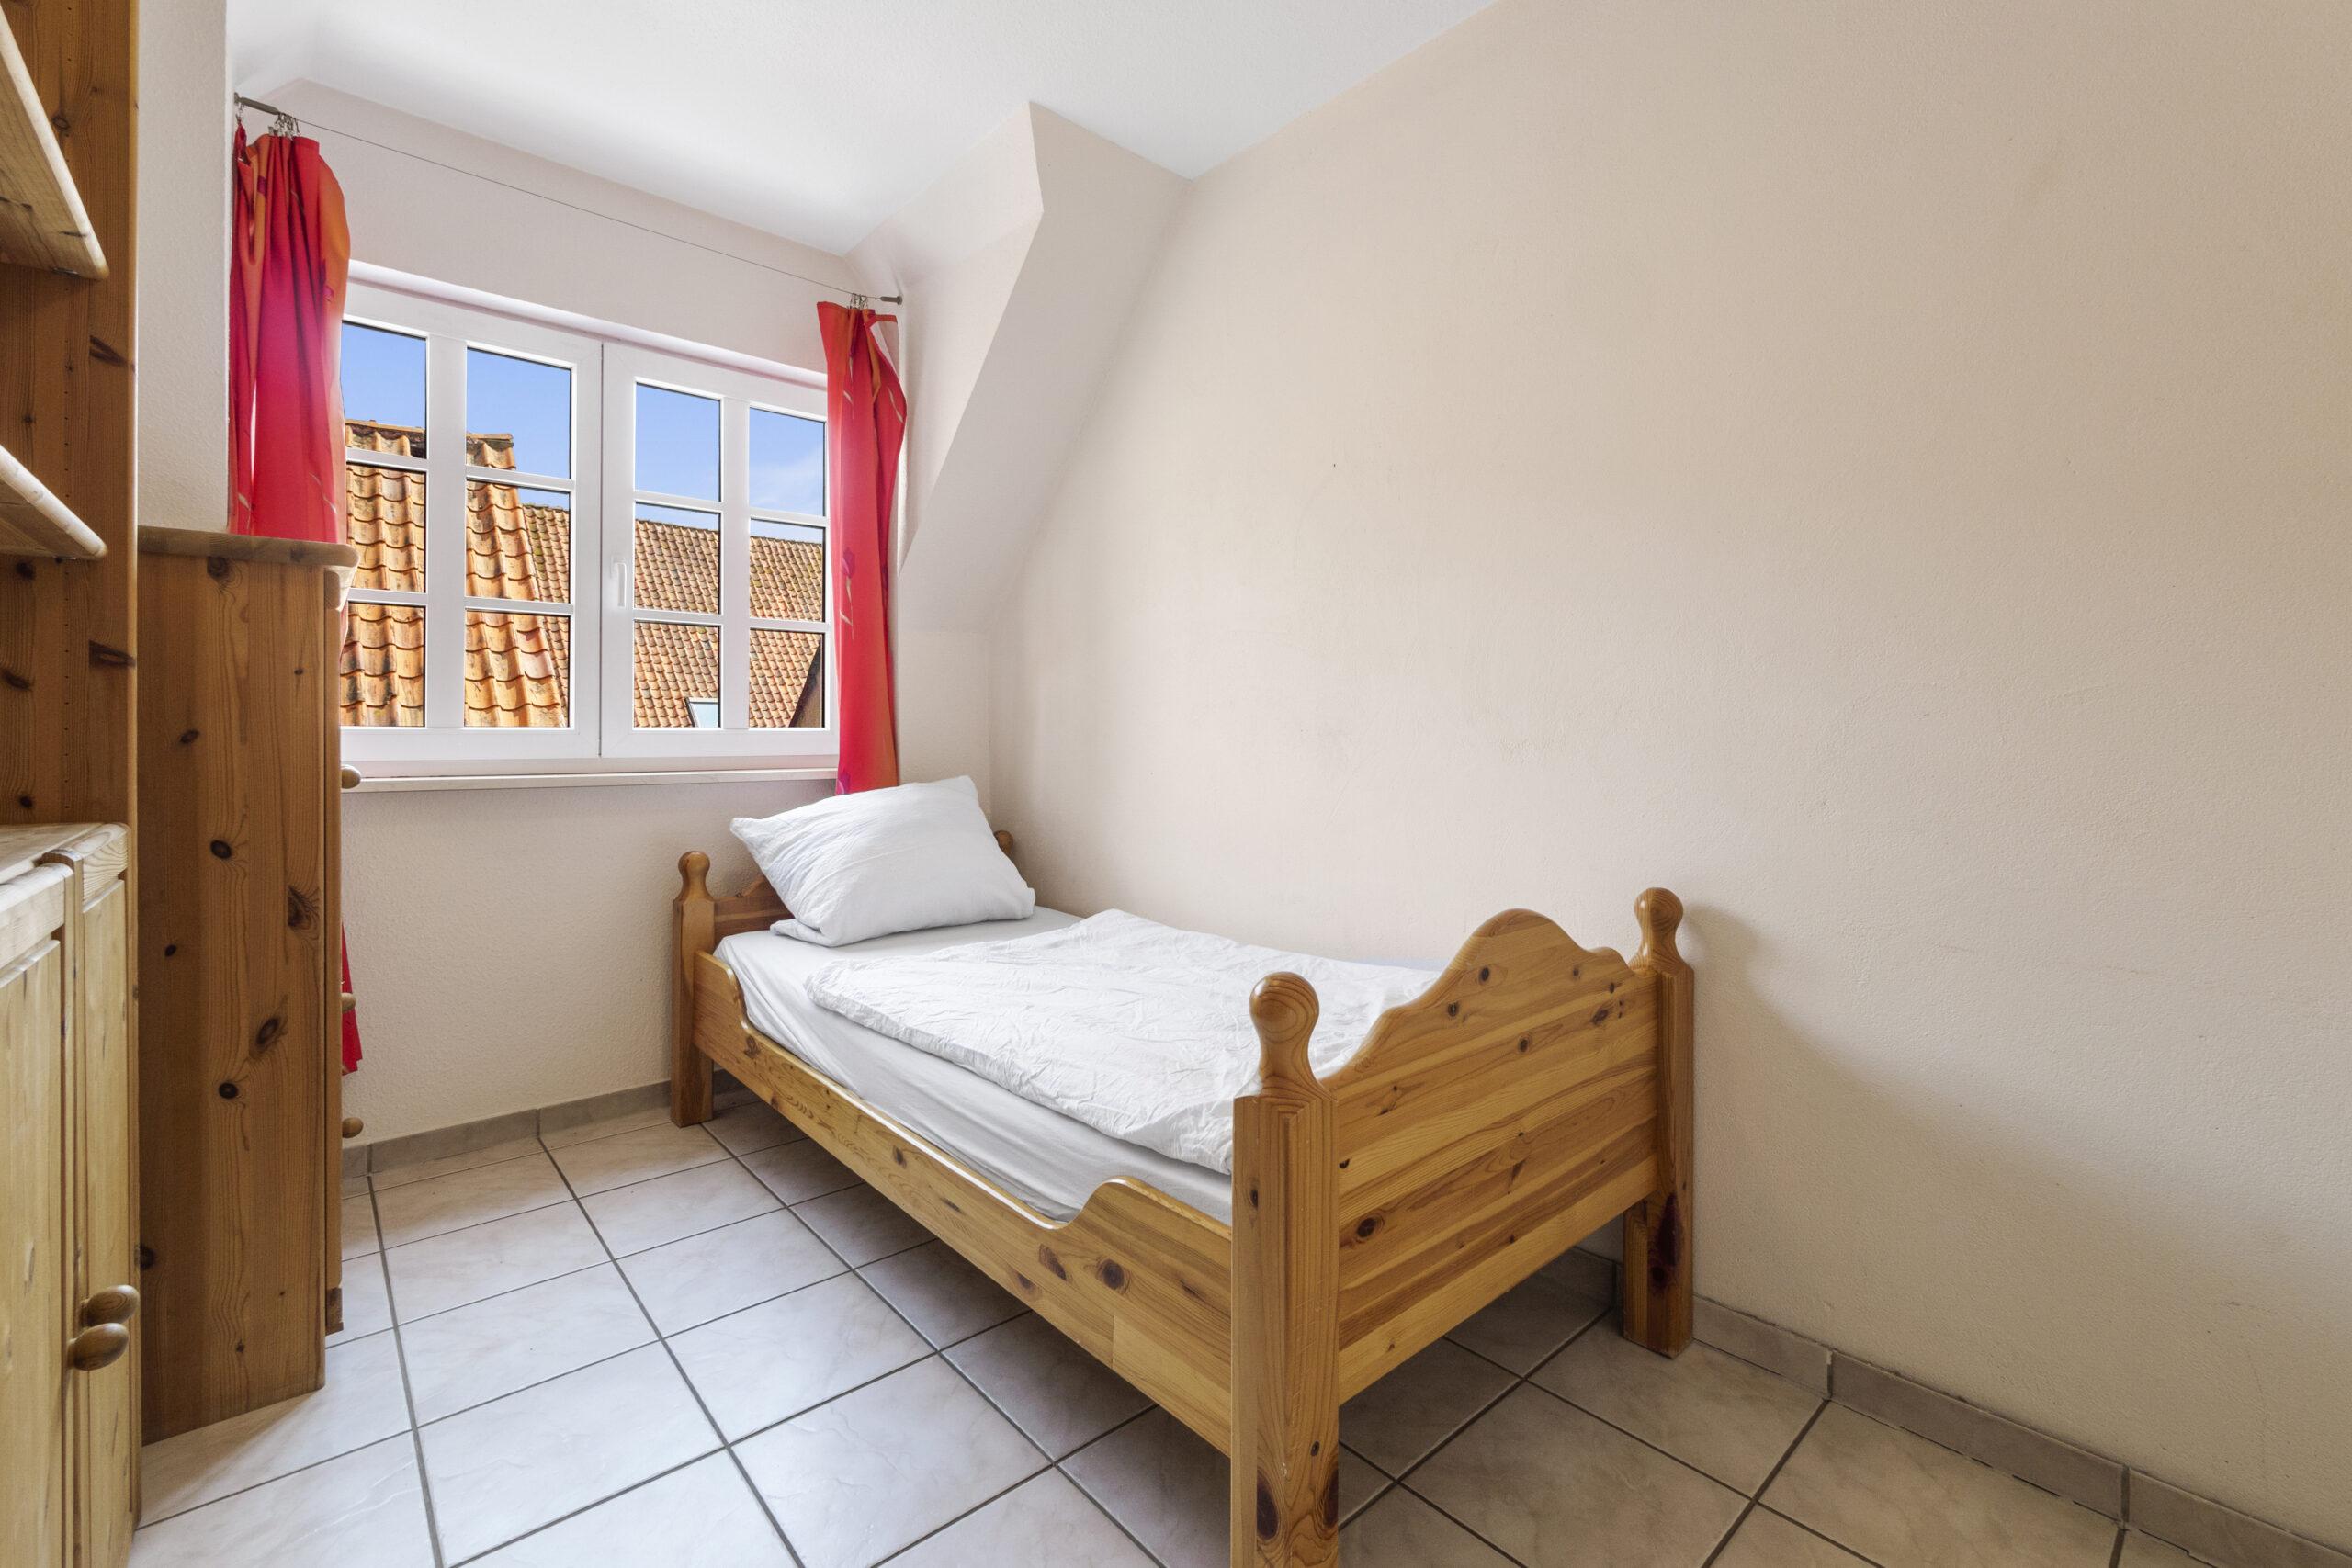 Ferienhaus 1_Gästezimmer_Bett